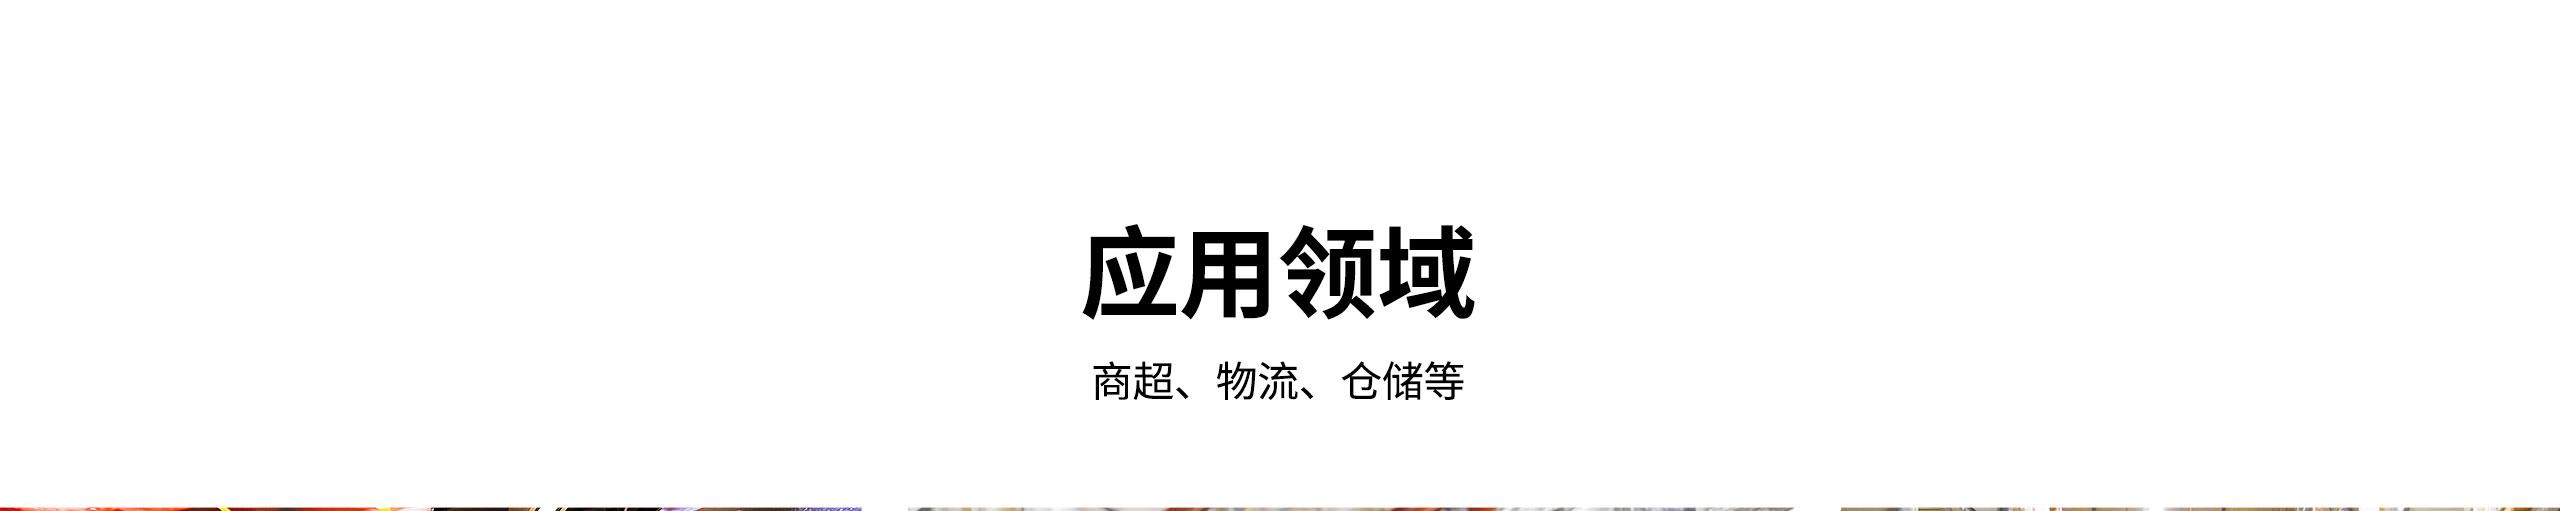 汉印HM-A300便捷式蓝牙打印机  第19张